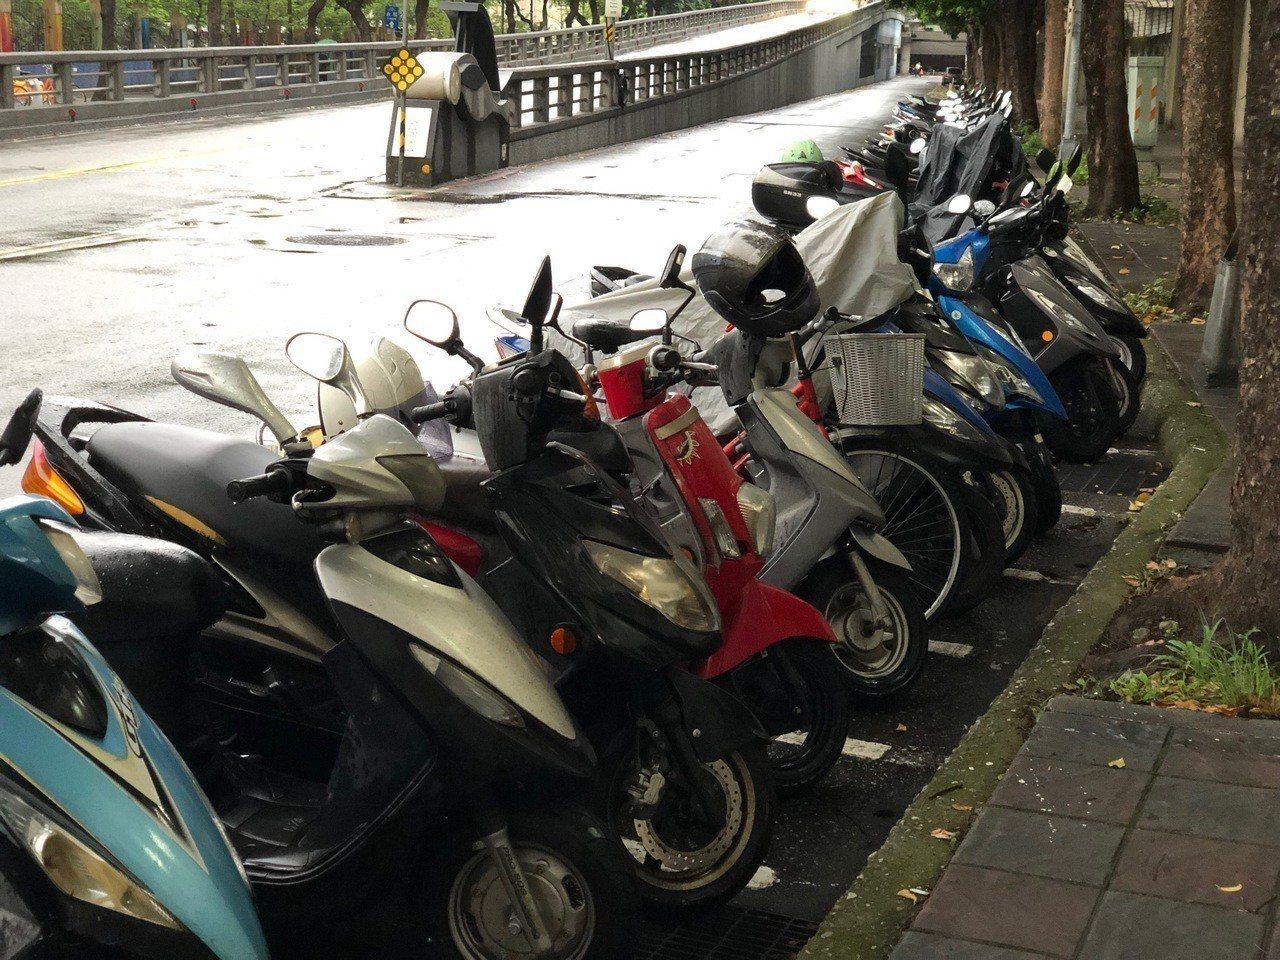 台北市停管處將在公館地區部分路段,實施「機車登錄開單繳費」。圖/本報資料照